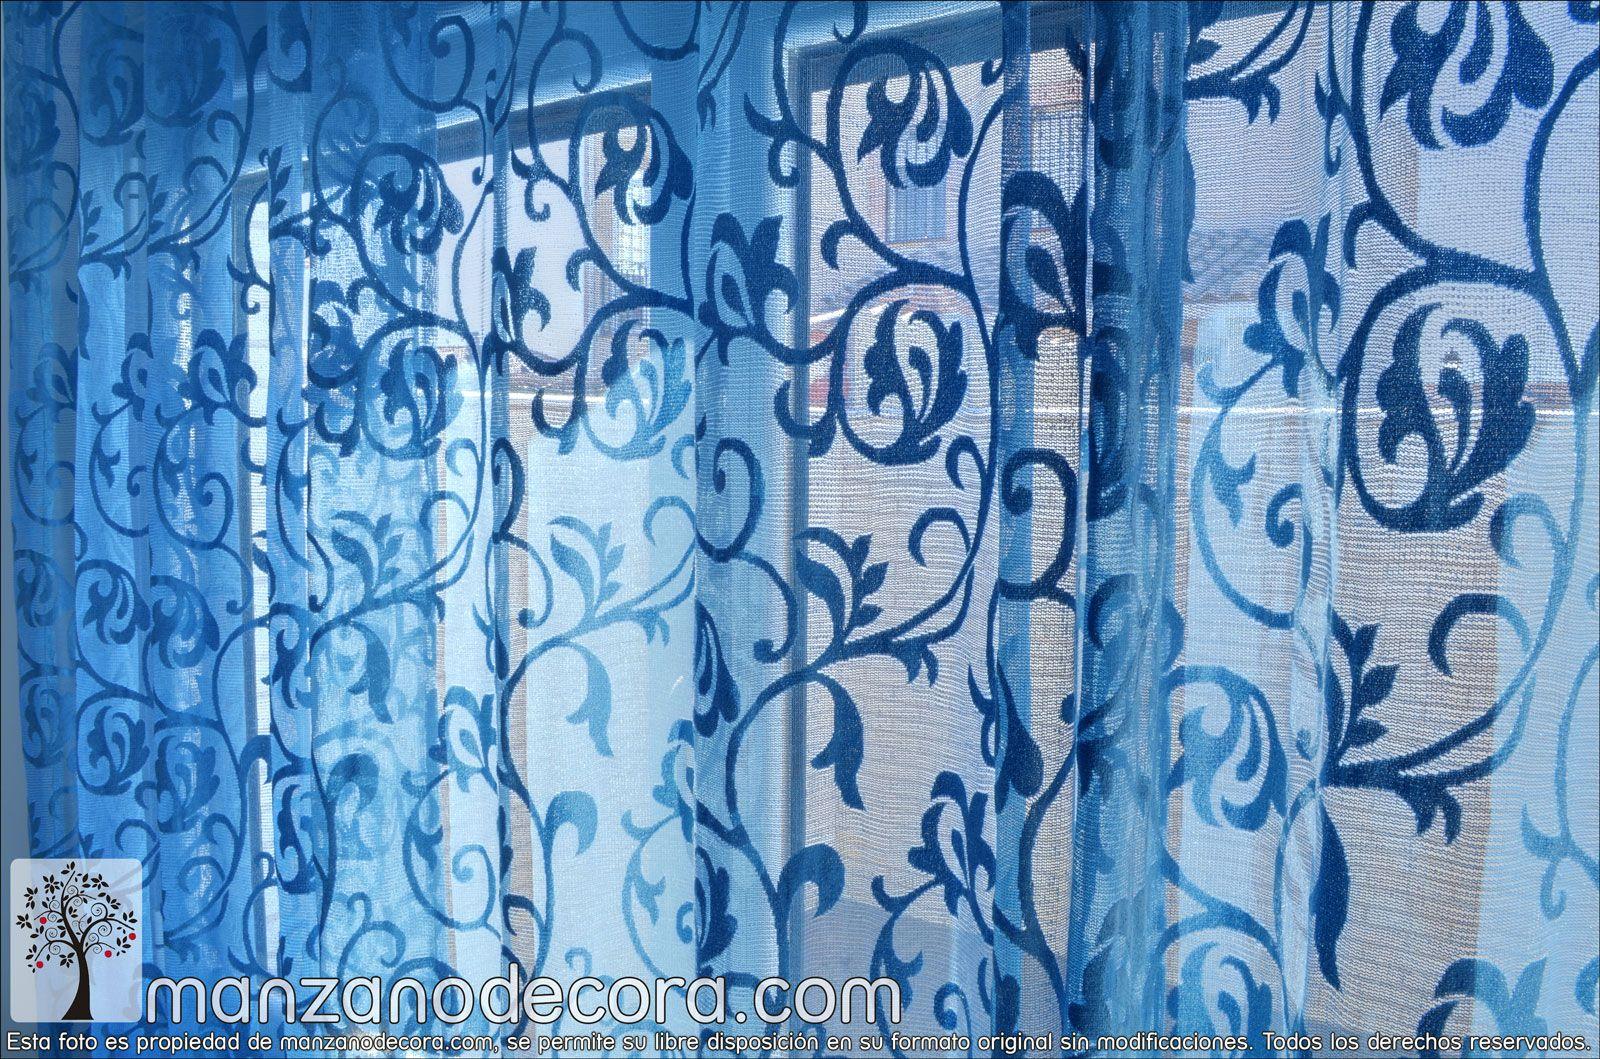 Detalle Cortina de Ollaos http://www.manzanodecora.com/cortinas.html